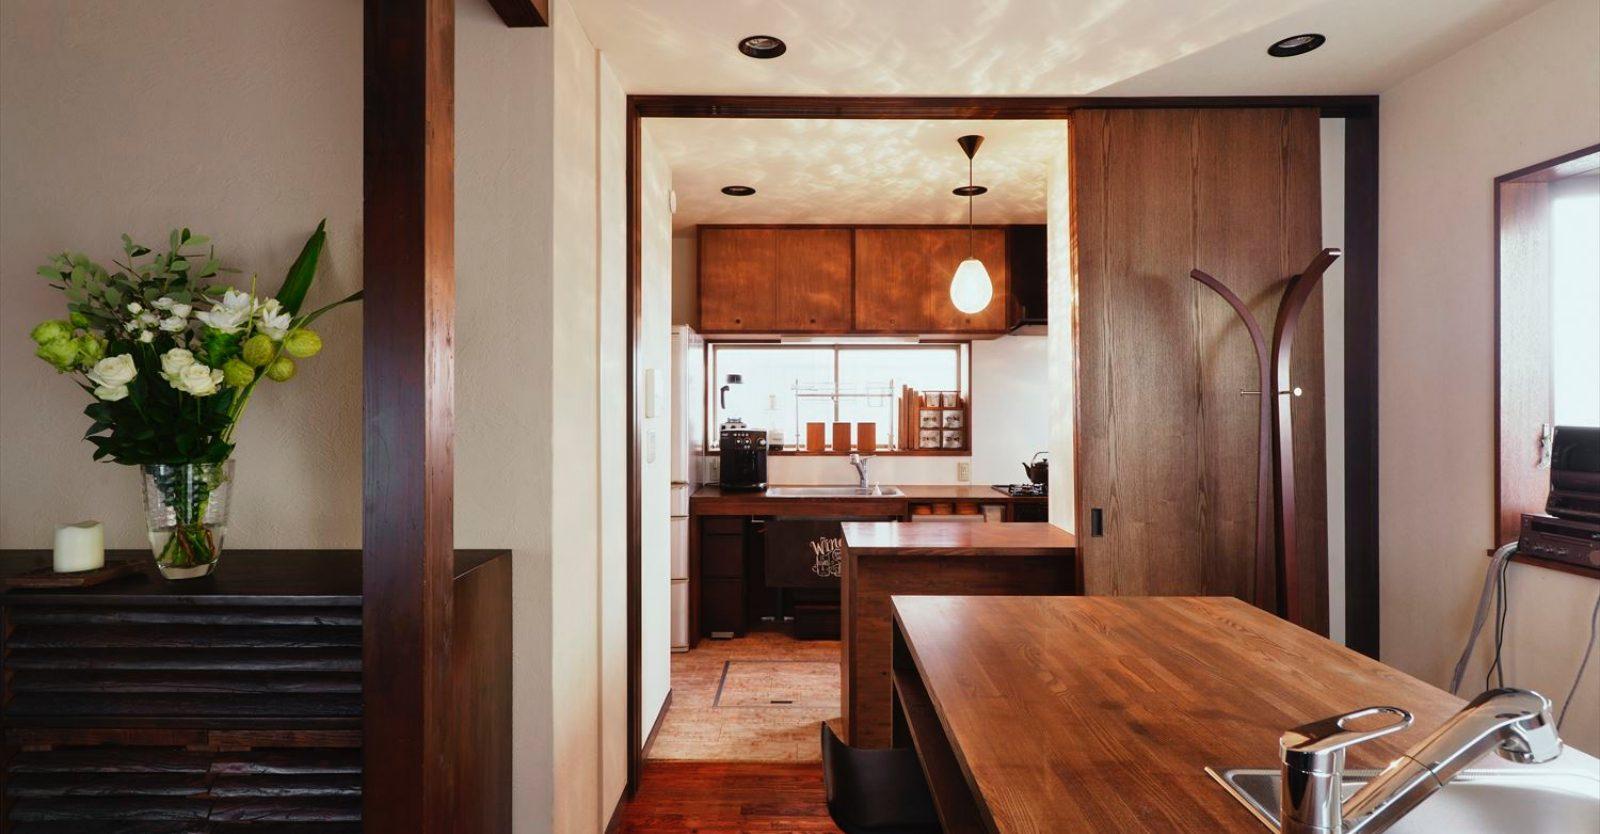 粋 Sui | キッチンスタジオ&カフェ